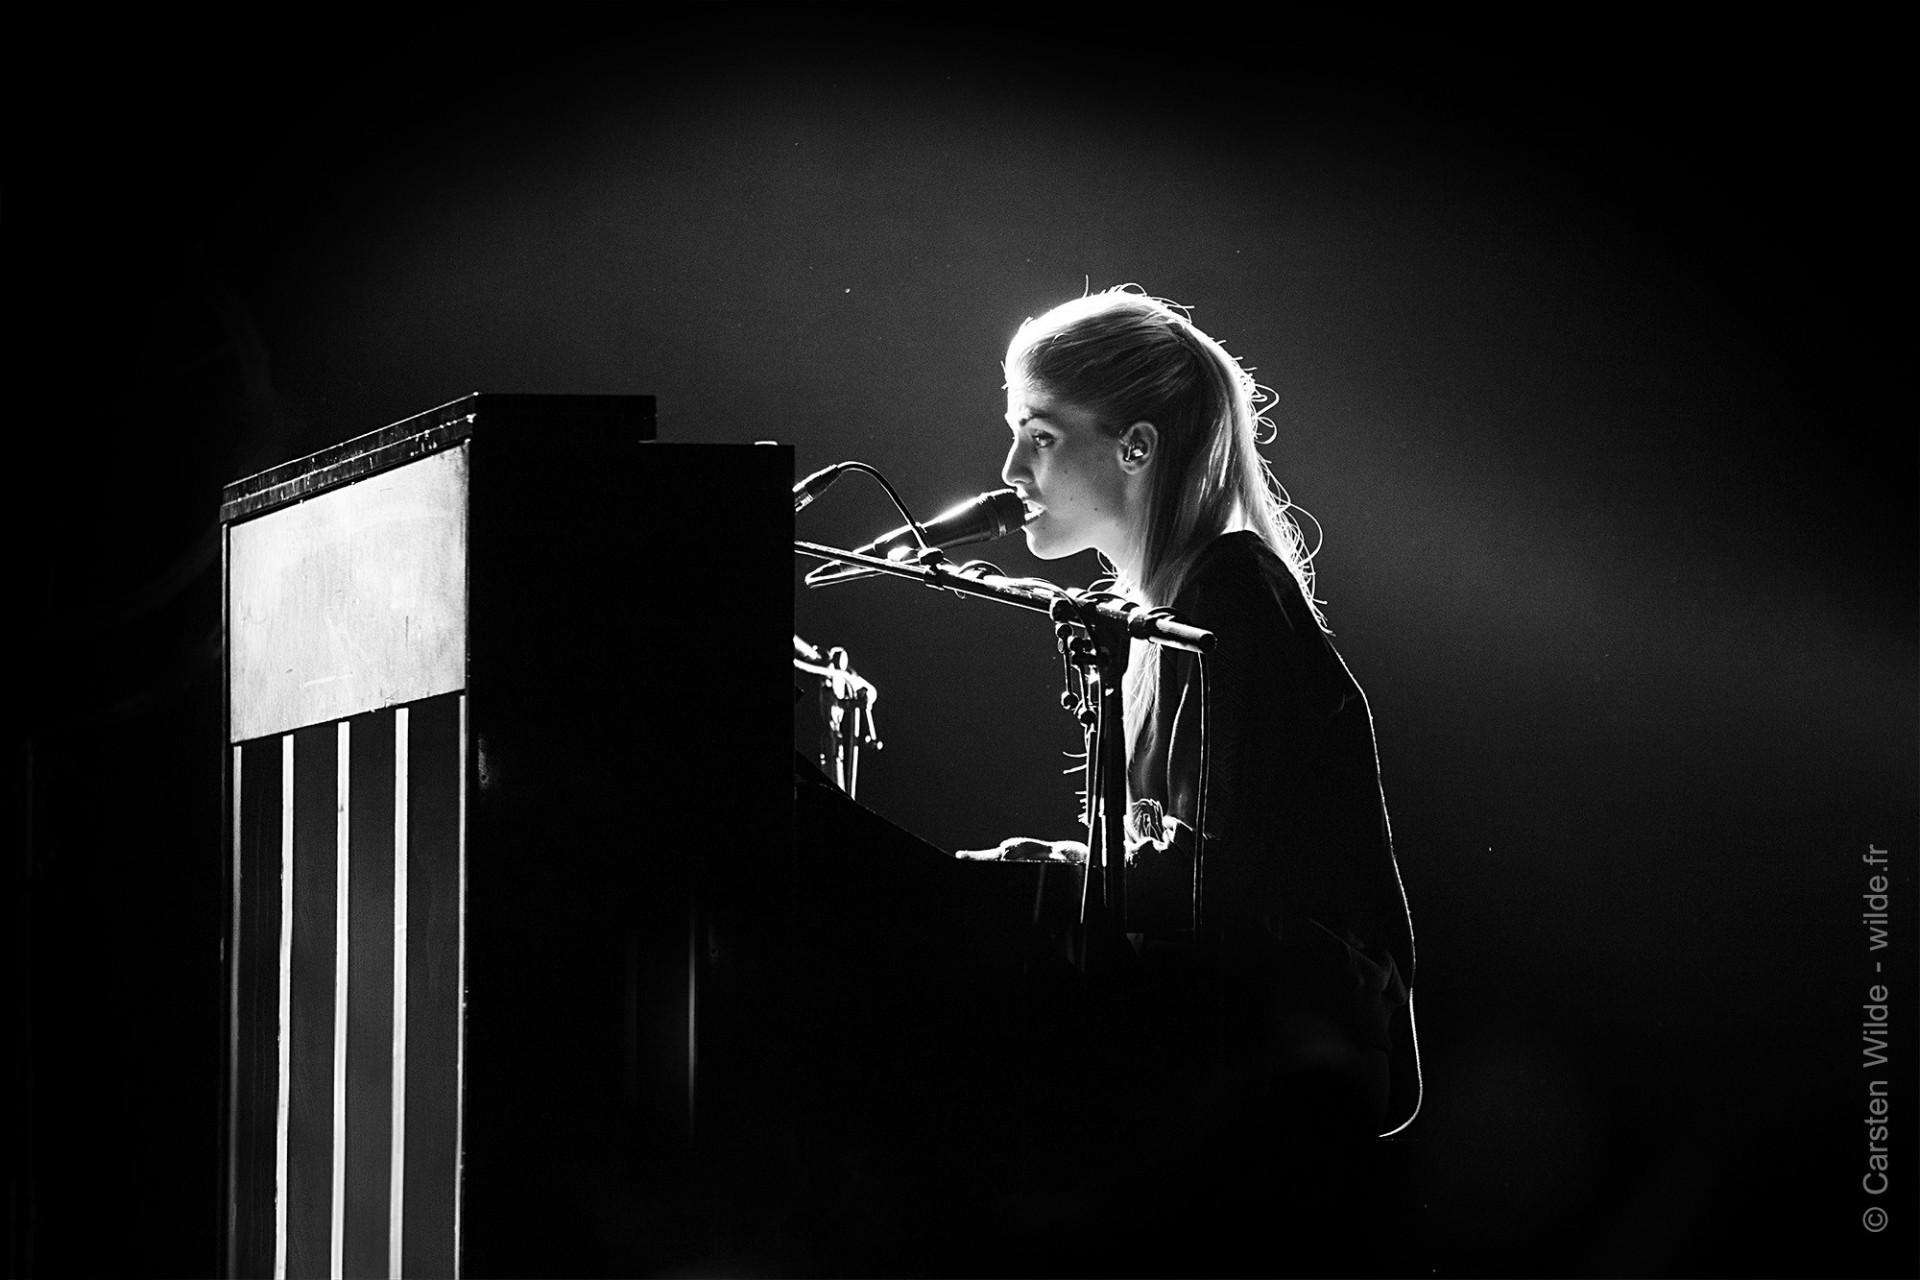 Hannah Reid - Sängerin der Band London Grammar